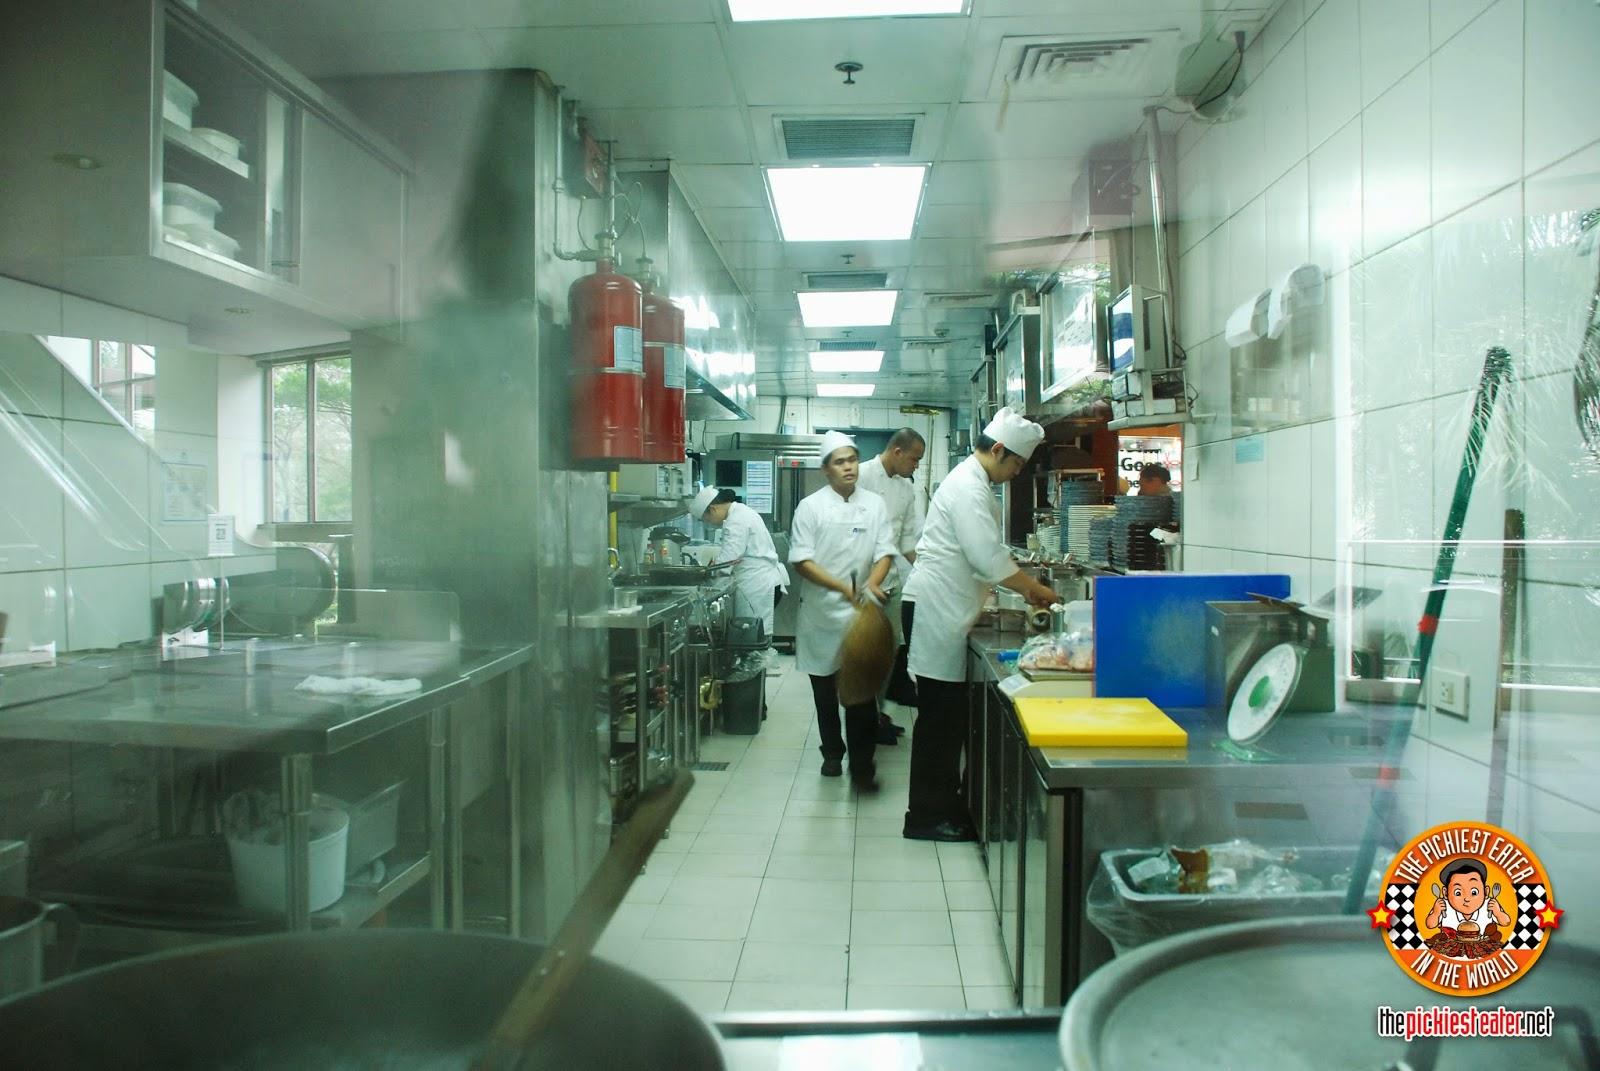 goemon open kitchen